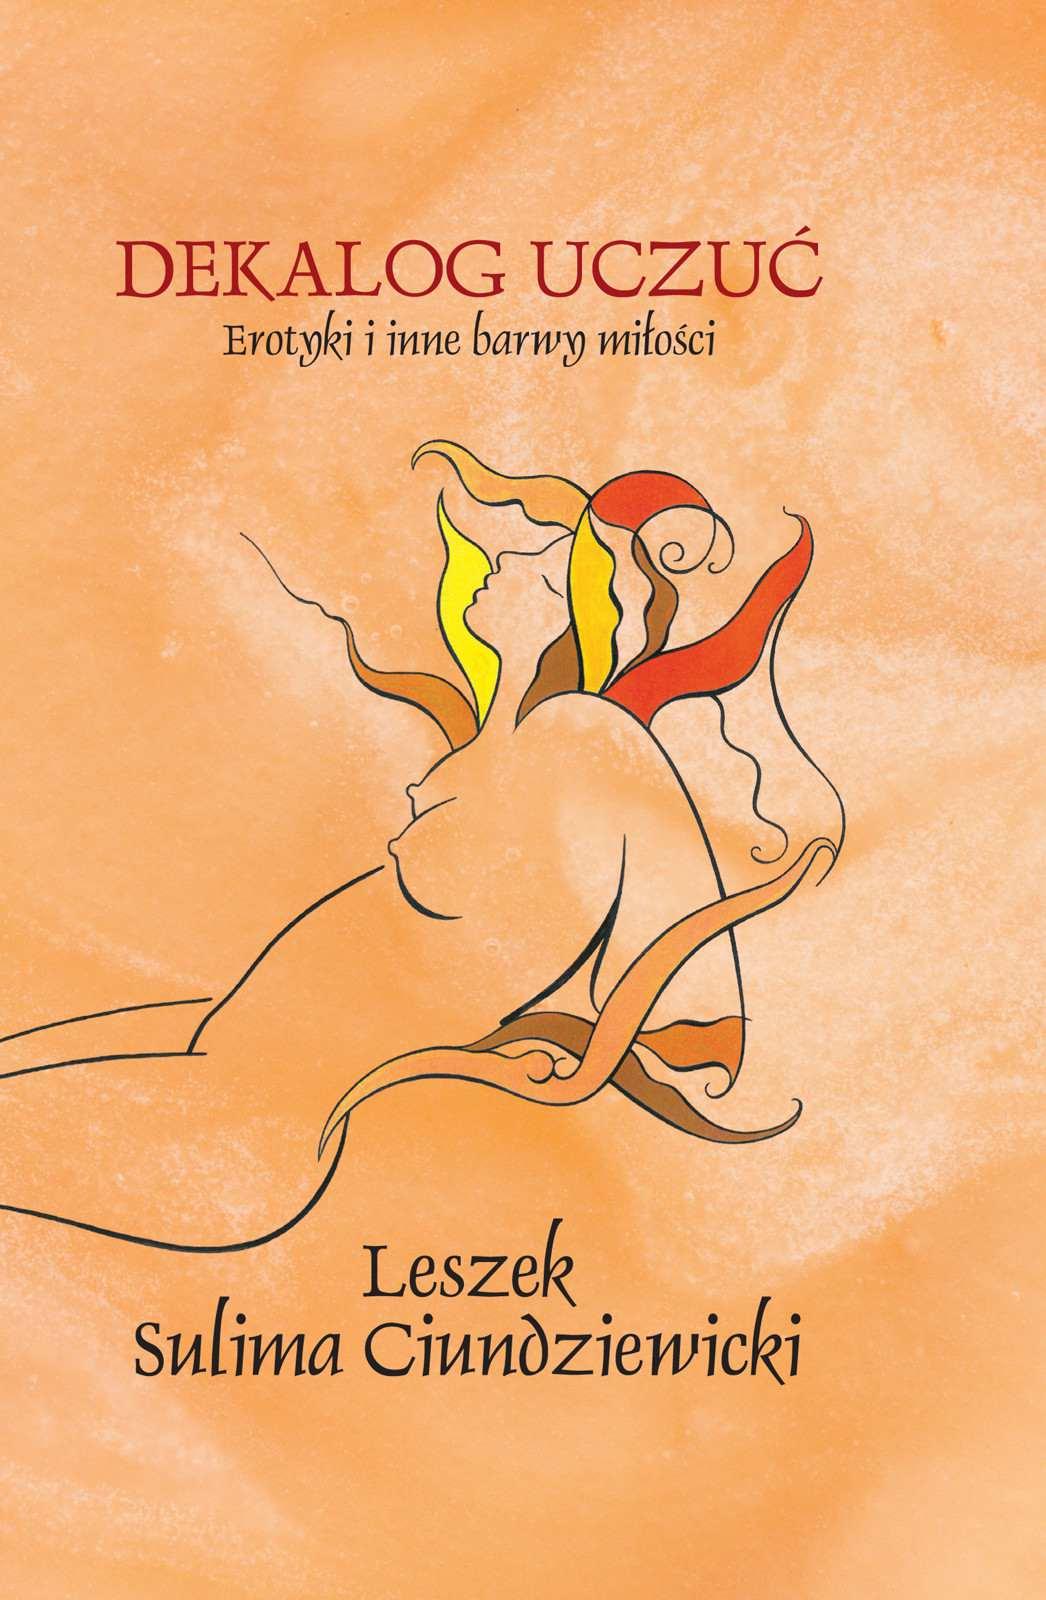 Dekalog uczuć. Erotyki i inne barwy miłości - Ebook (Książka EPUB) do pobrania w formacie EPUB